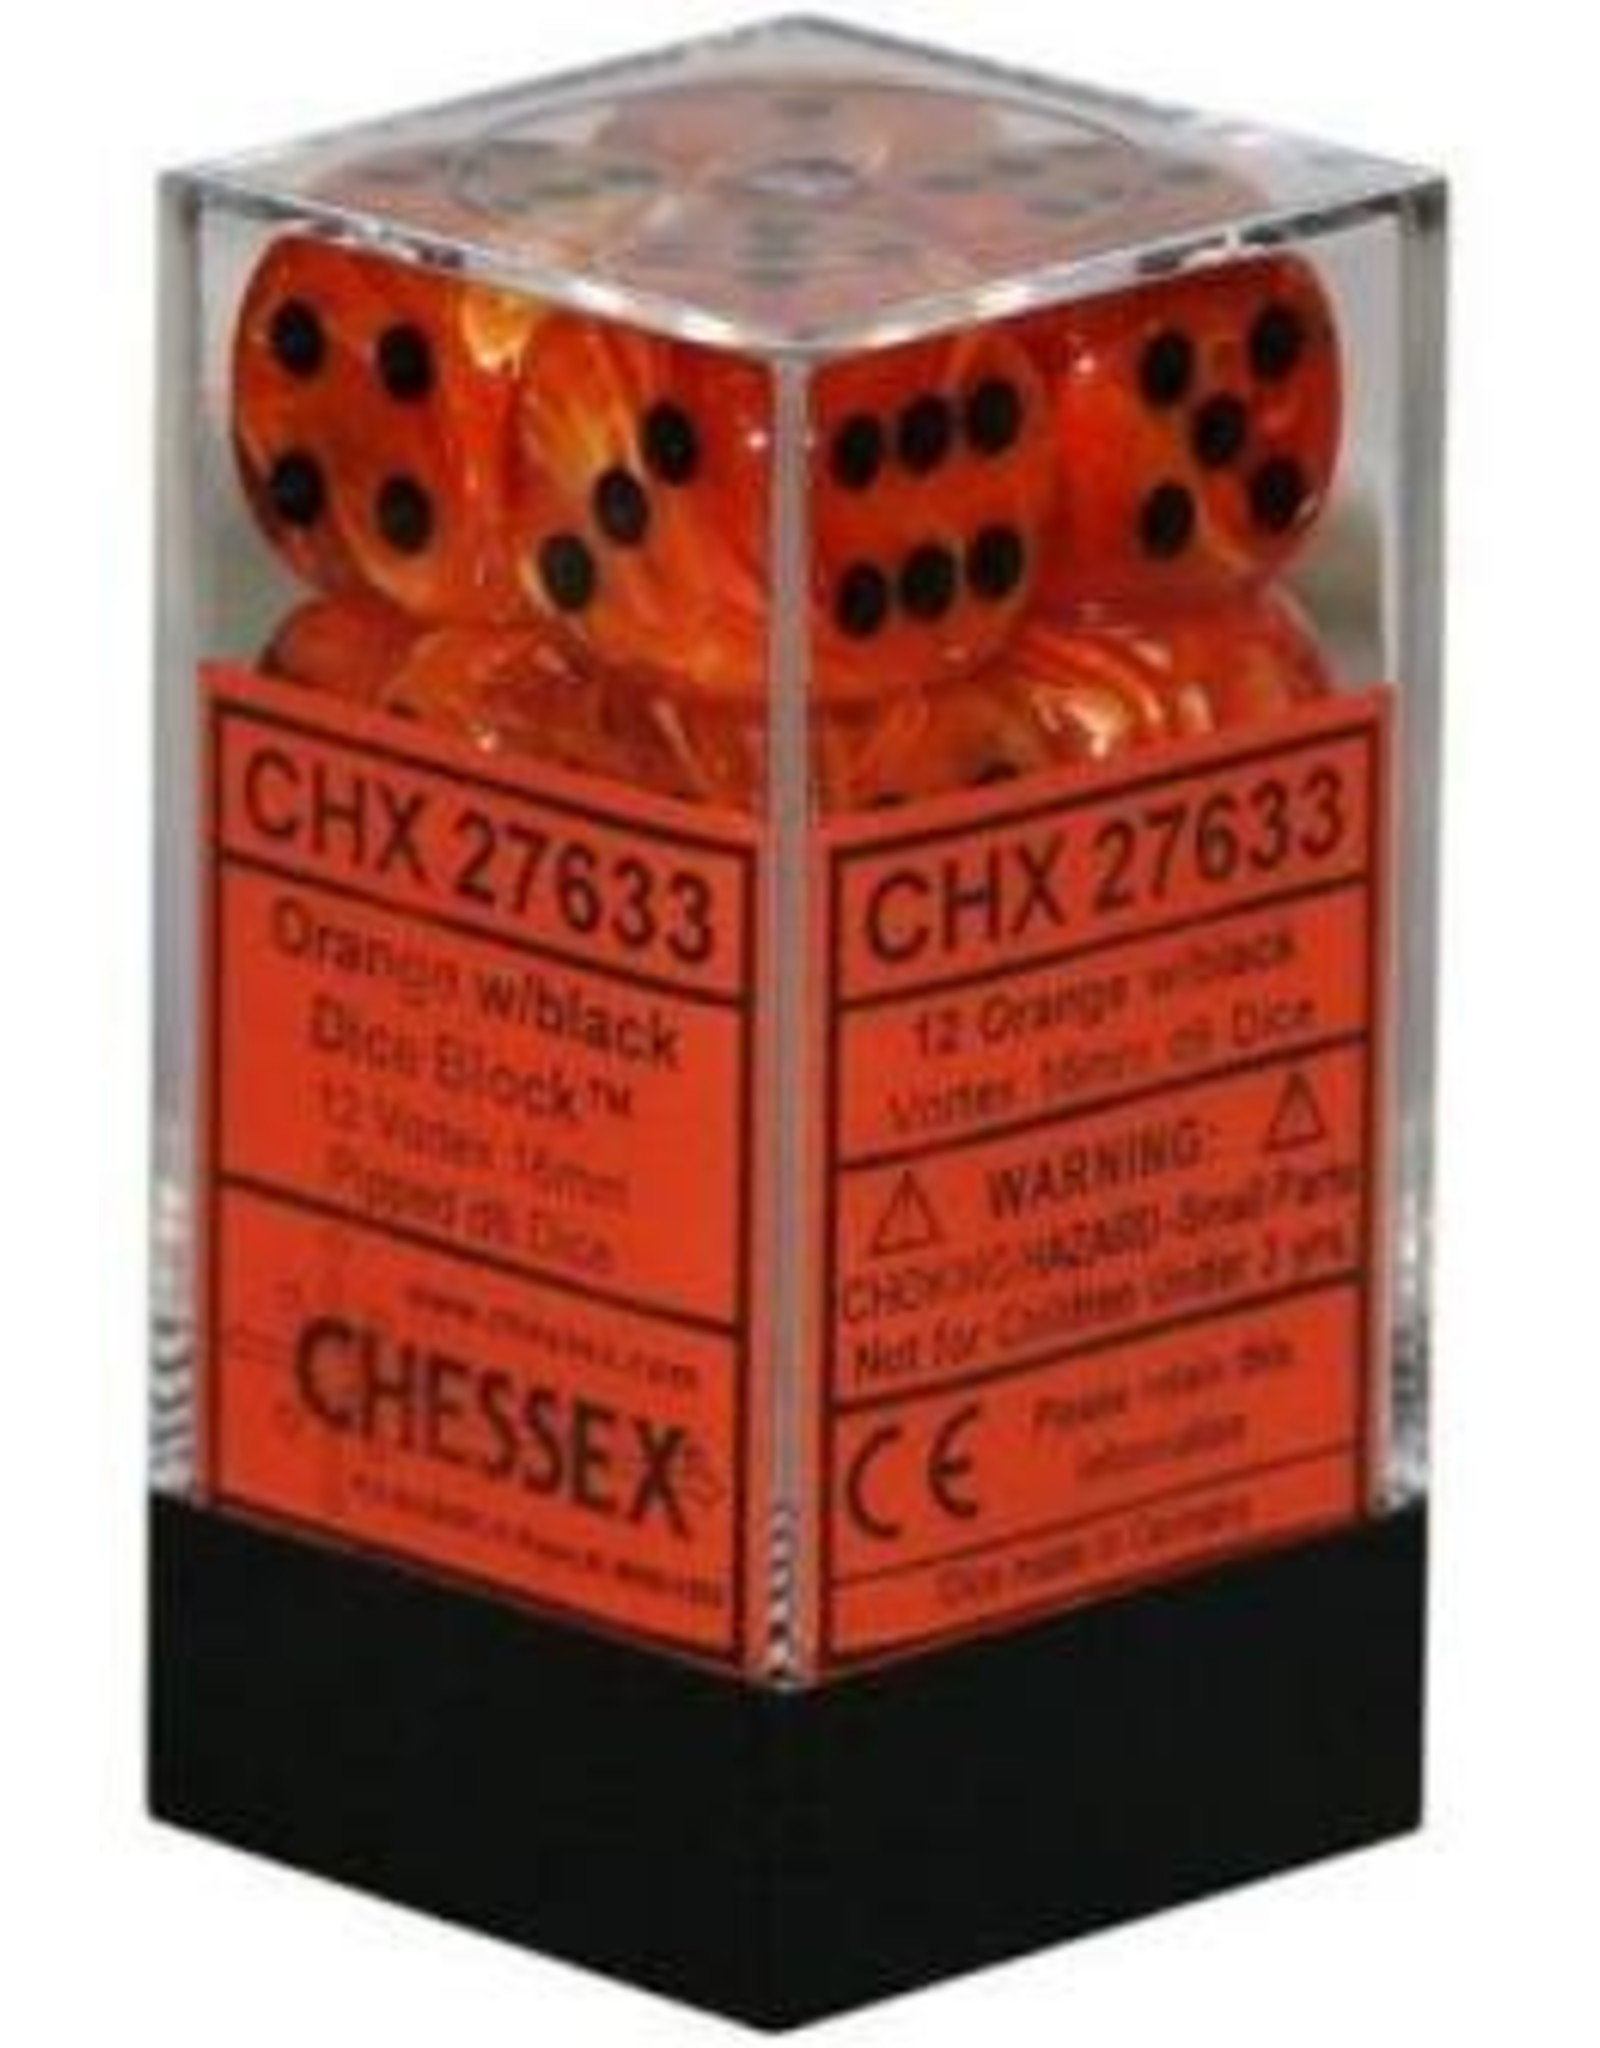 Chessex Vortex Dice Orange/Black D6